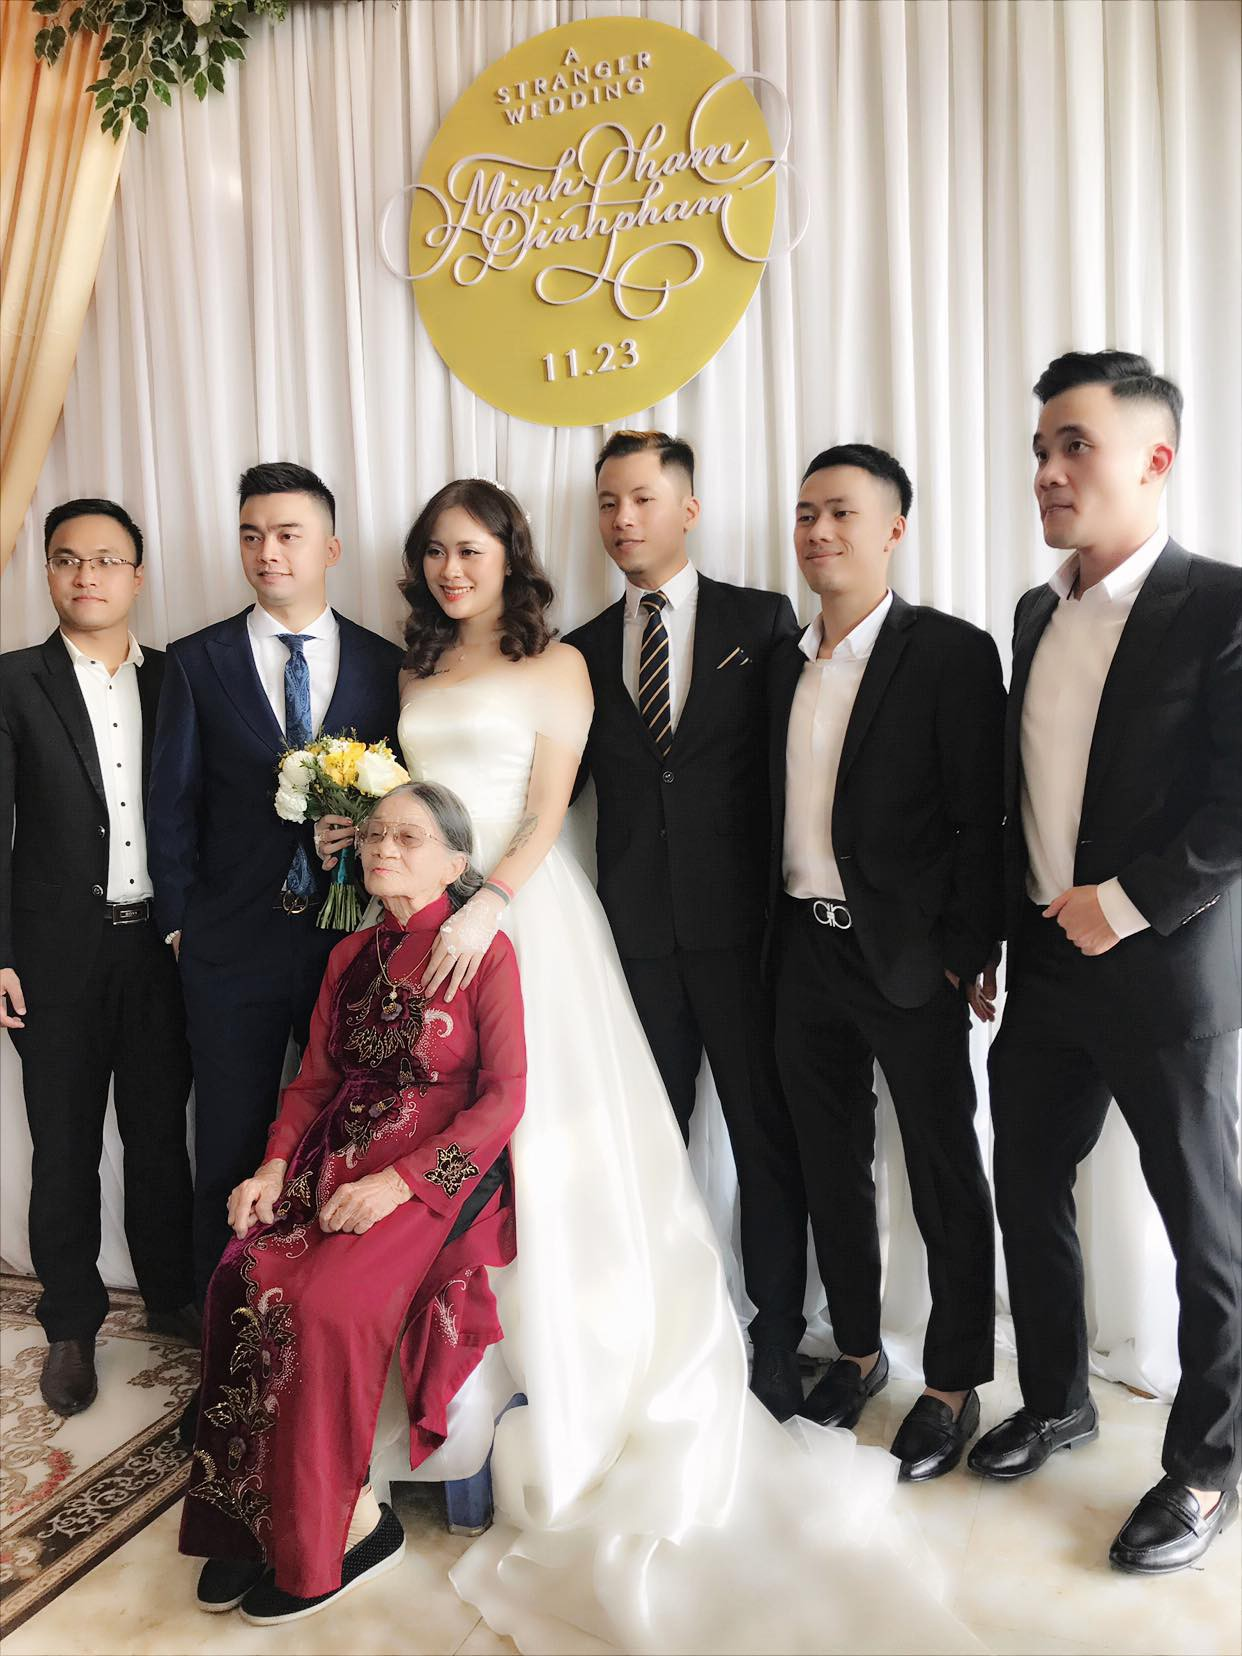 Con trai cơ phó vừa hủy hôn, con gái nghệ sĩ Hương Dung bất ngờ lên xe hoa, nhìn nhan sắc cô dâu ai cũng ngỡ ngàng-1